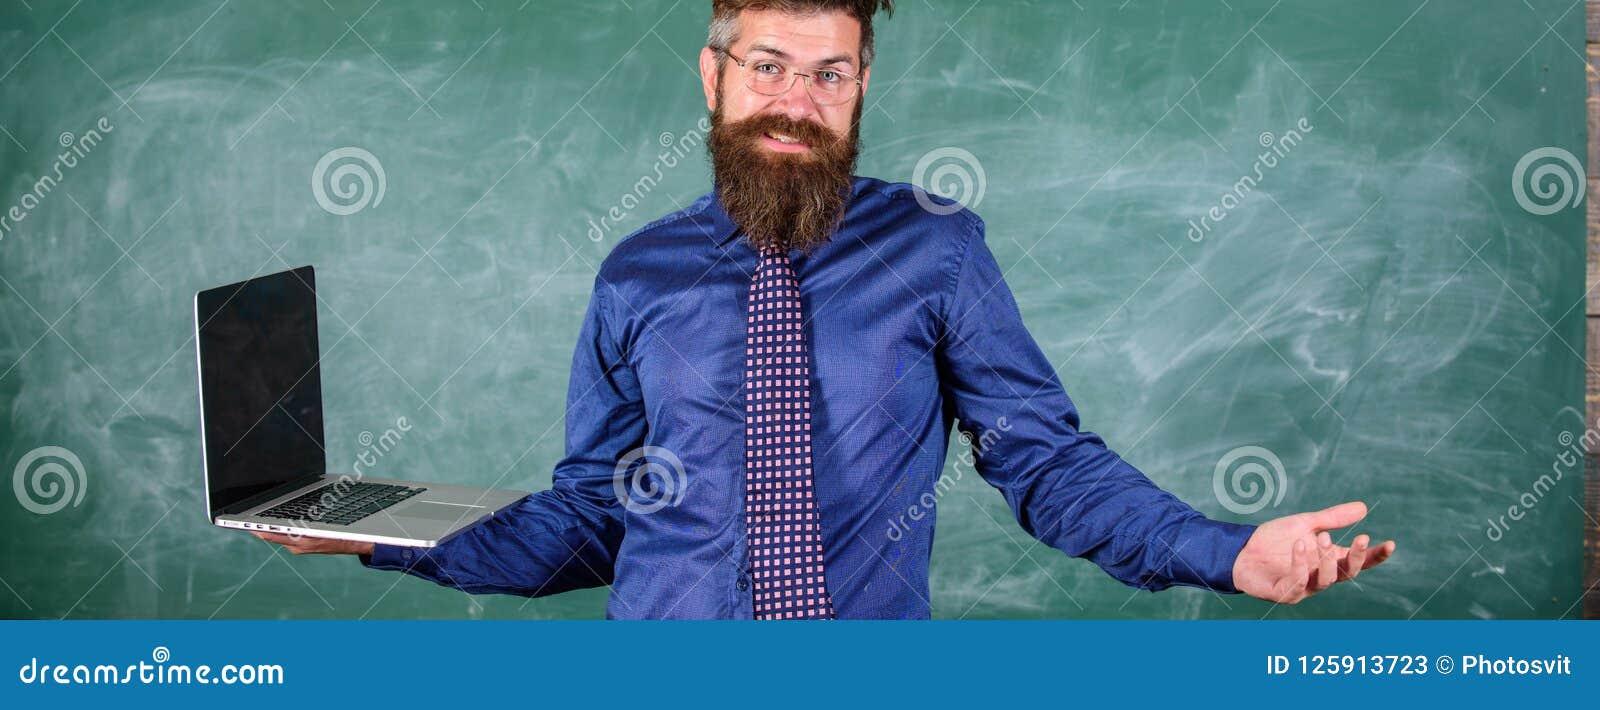 Edições de ensino usando tecnologias modernas A expressão confundida professor do moderno guarda o portátil Edições do ensino à d